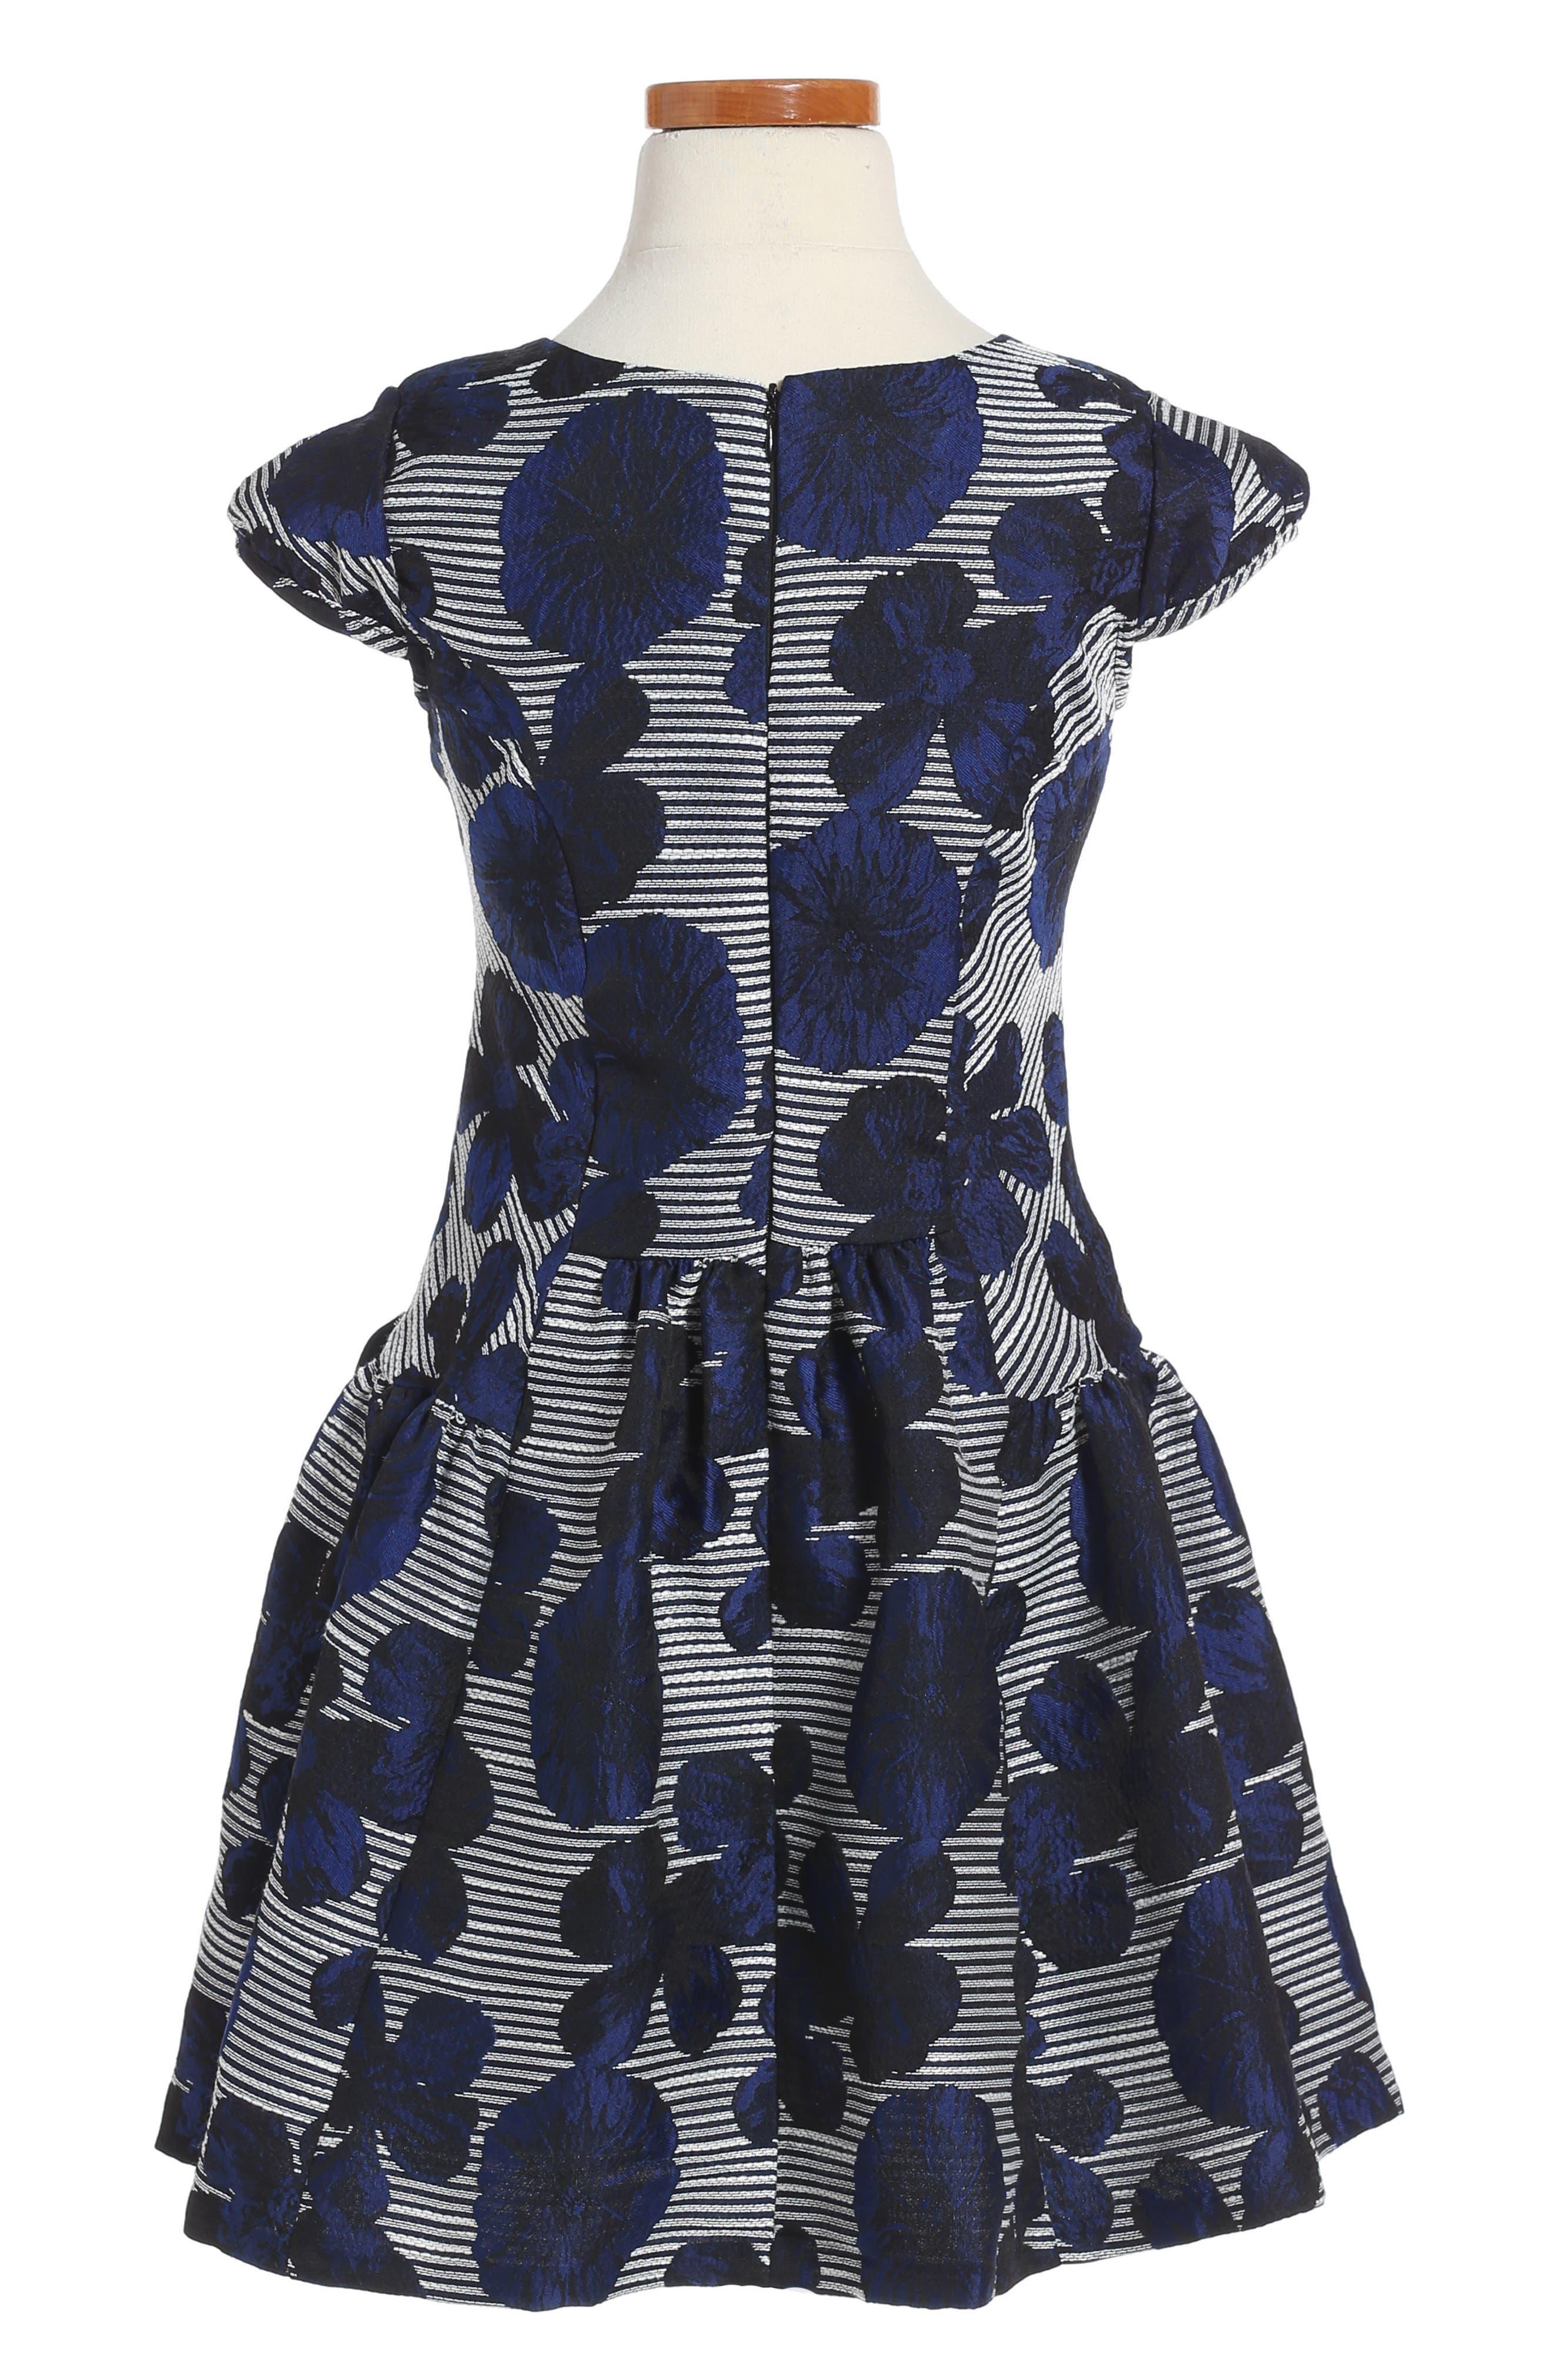 Alternate Image 2  - Iris & Ivy Floral Jacquard Dress (Toddler Girls, Little Girls & Big Girls)